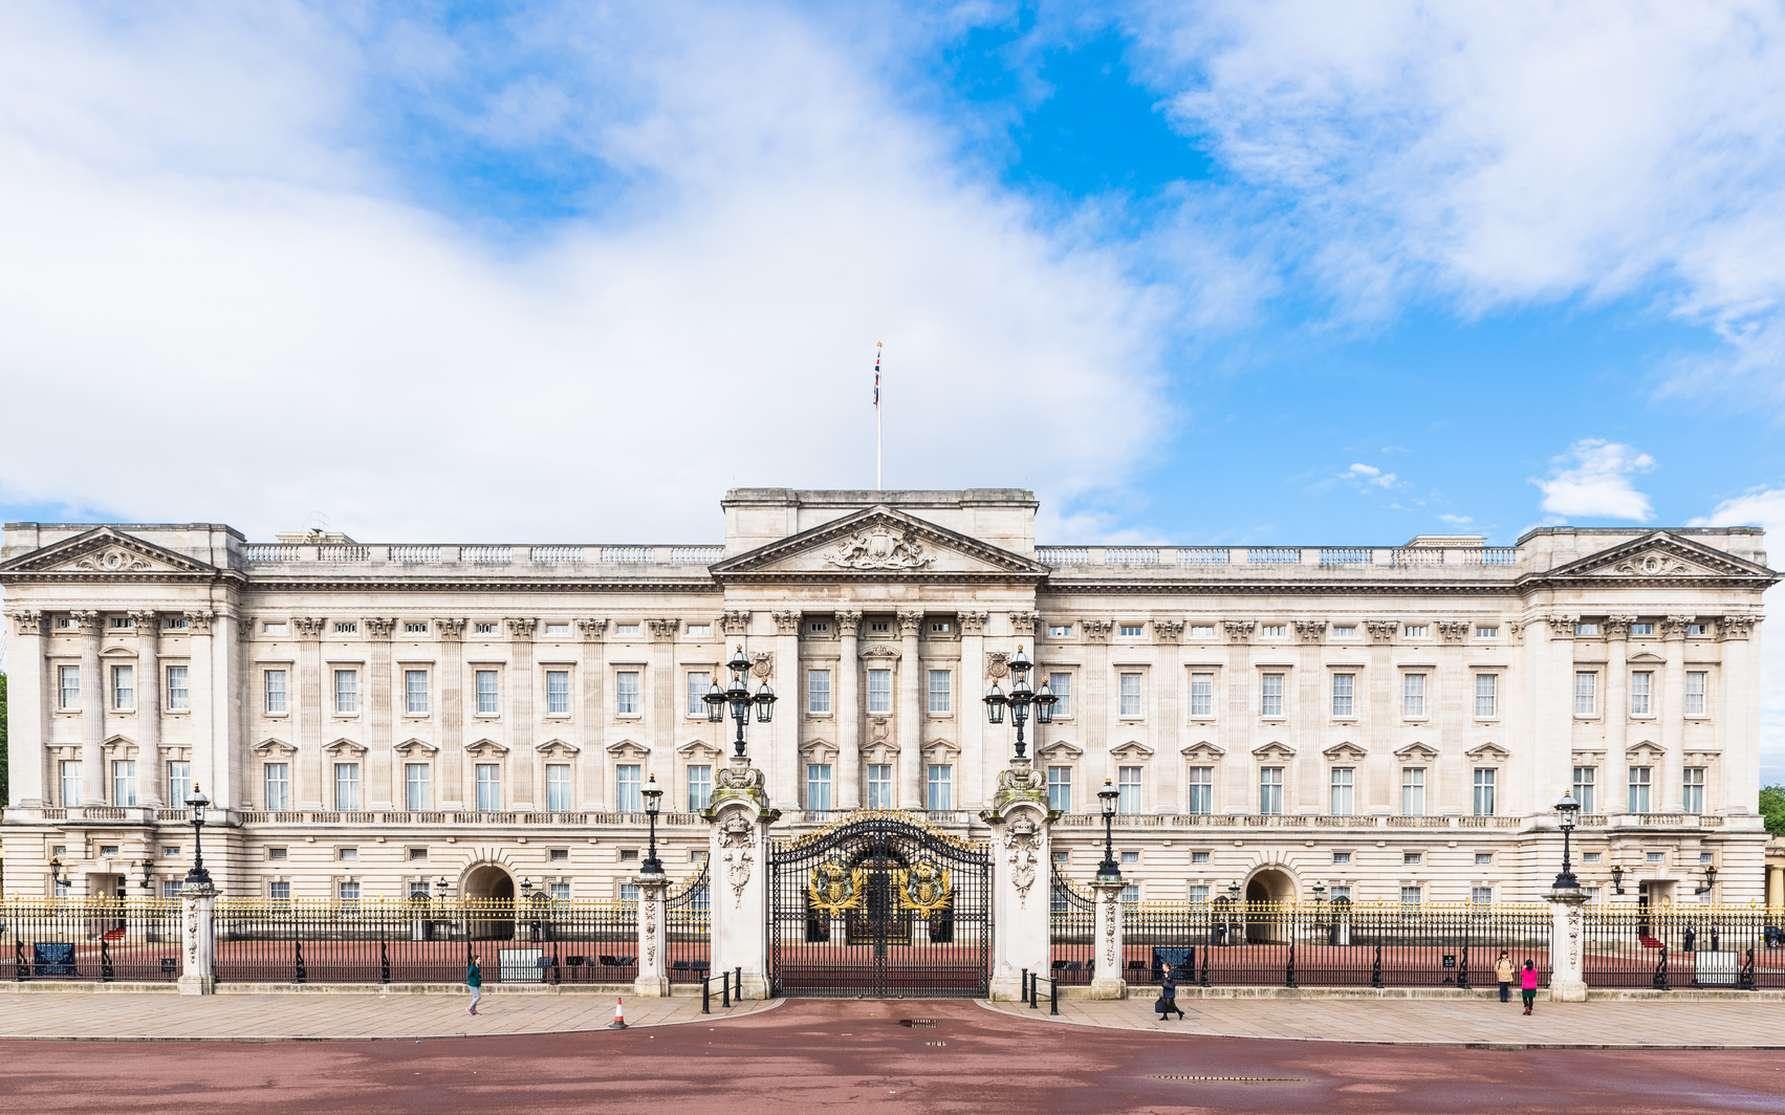 Le Buckingham Palace de Londres et le mémorial de la Reine Victoria. © oben901, fotolia